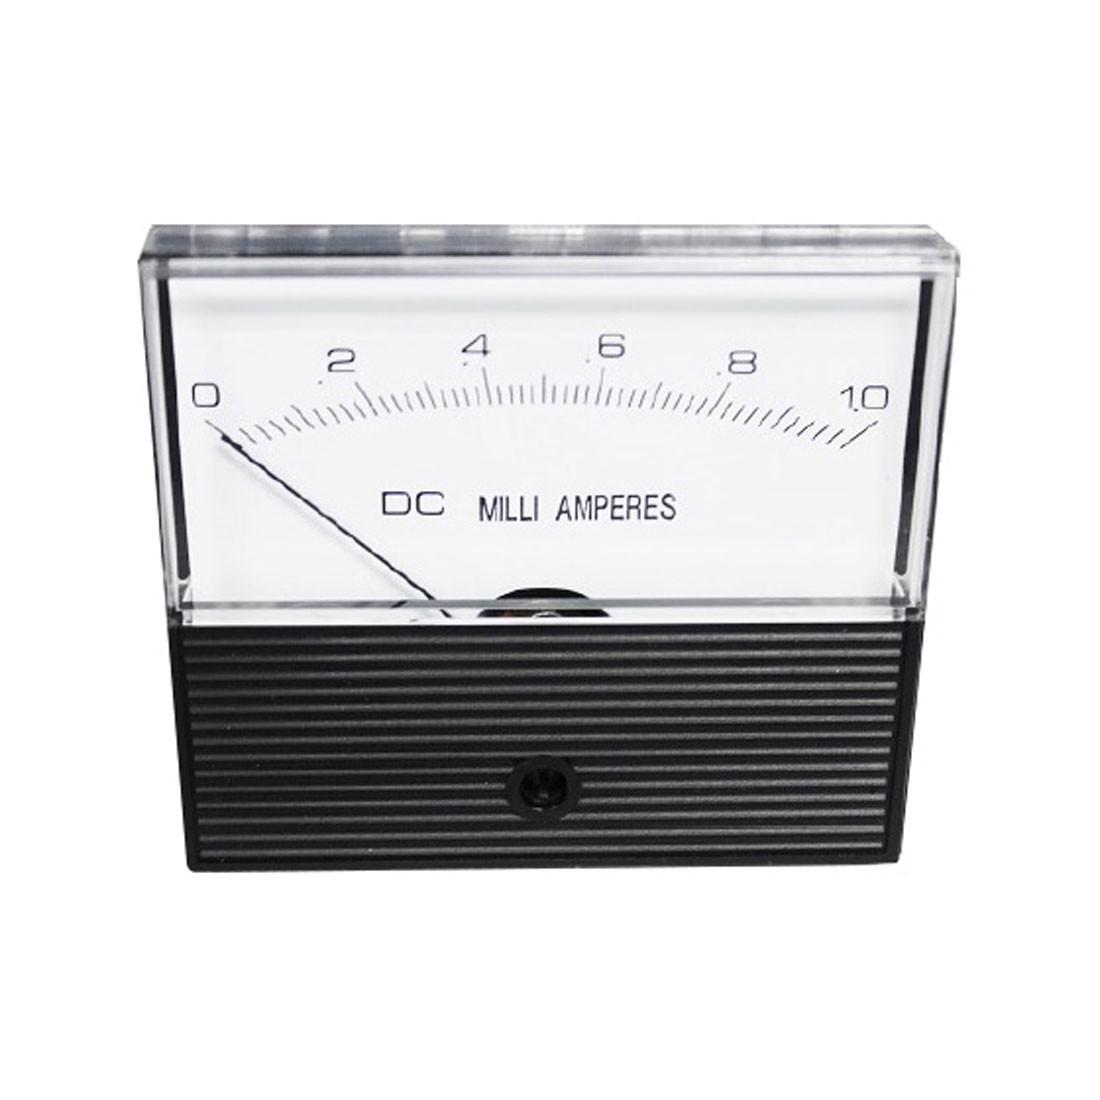 HST-98 AC or DC Analog Panel Meter